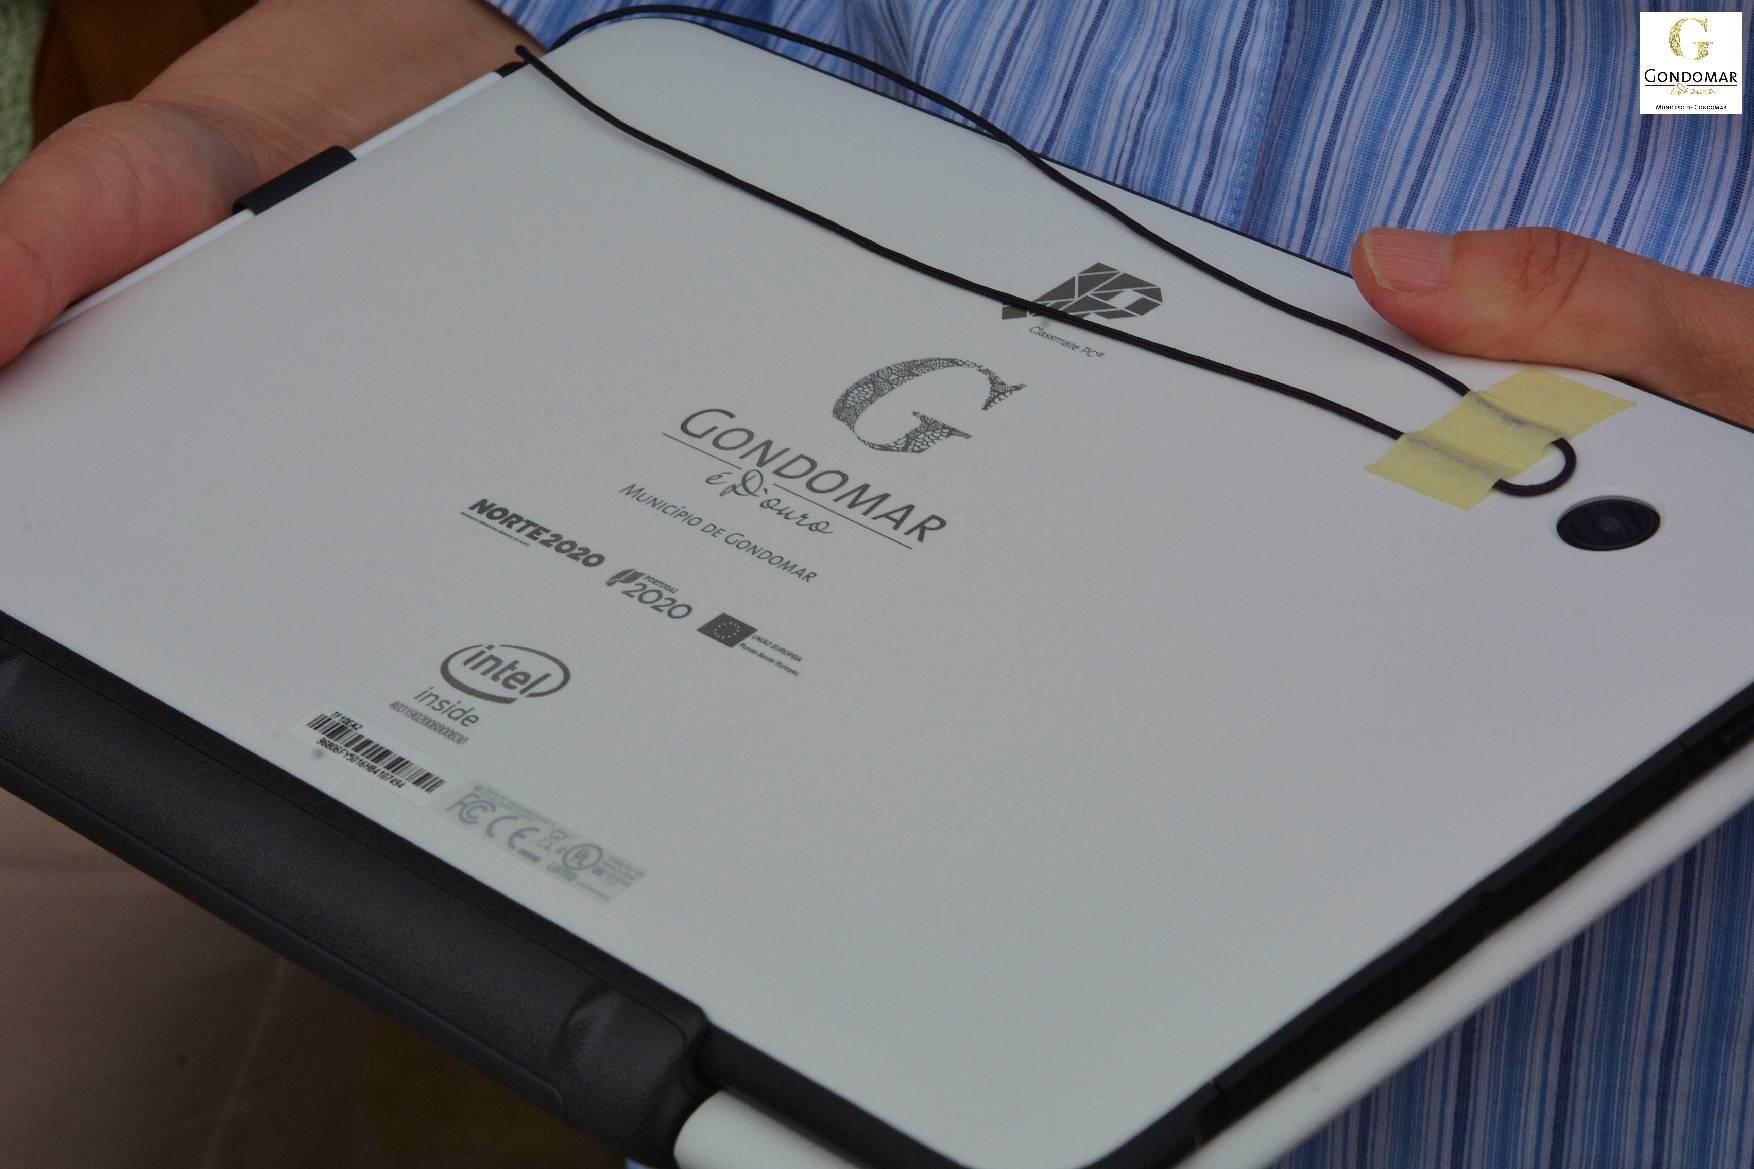 Câmara disponibiliza equipamento informático a alunos que não possuem